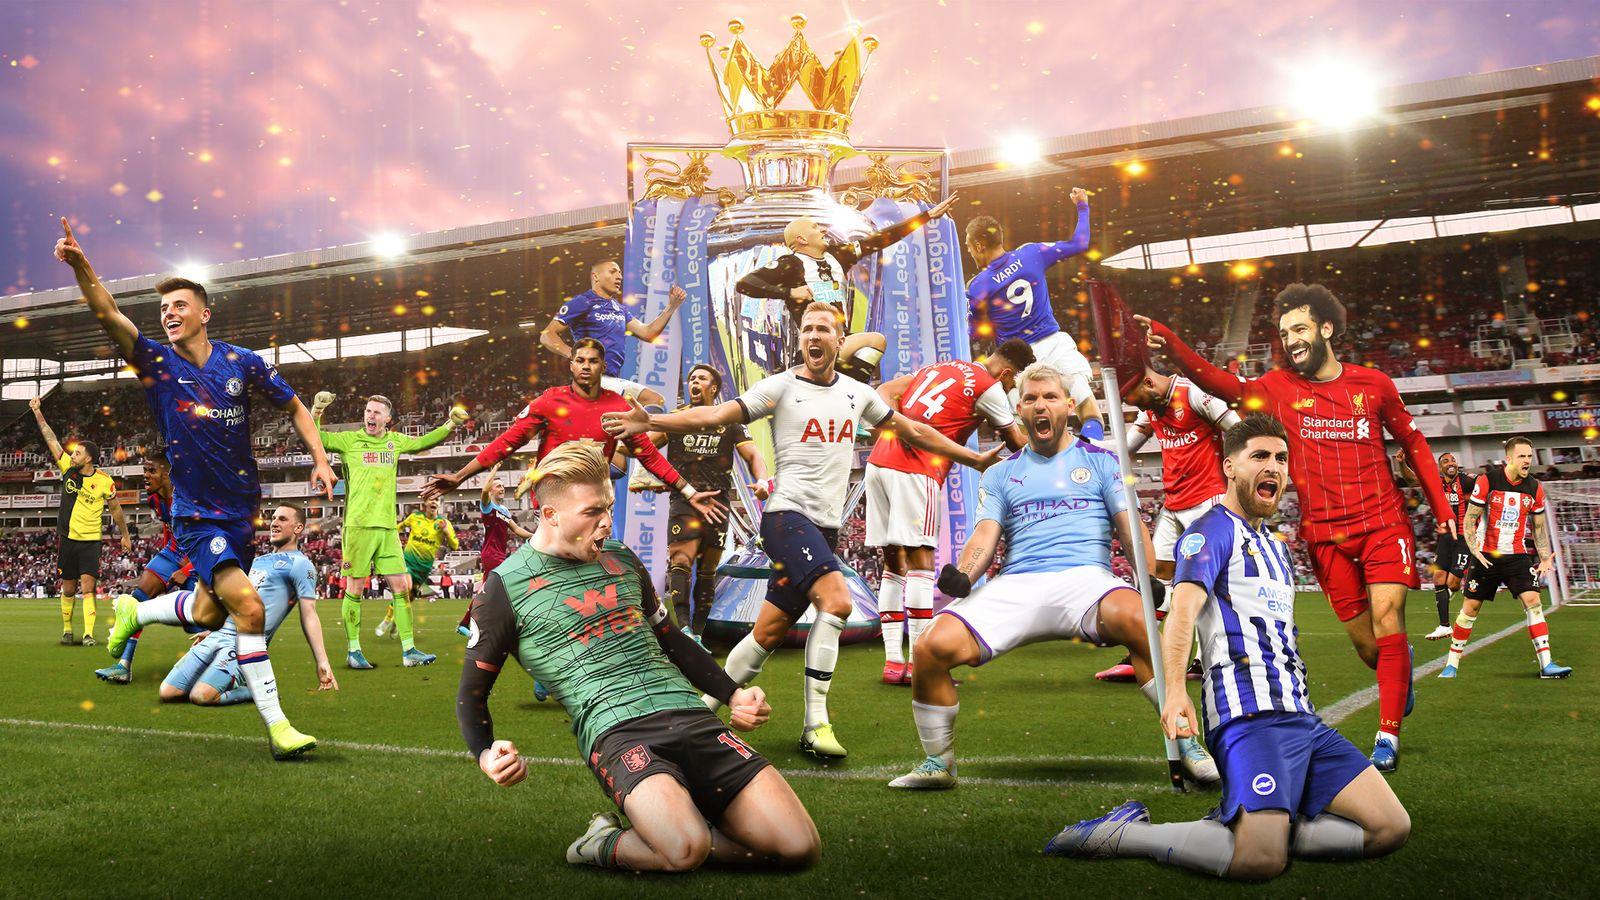 NNN: La saison de Premier League anglaise 2020-21 débutera le 12 septembre et le dernier tour de matches aura lieu le 23 mai, a annoncé la ligue vendredi. La nouvelle saison, initialement prévue pour le 8 août, a été retardée cette année après que la Premier League a suspendu la saison 2019-20 pendant trois mois […]